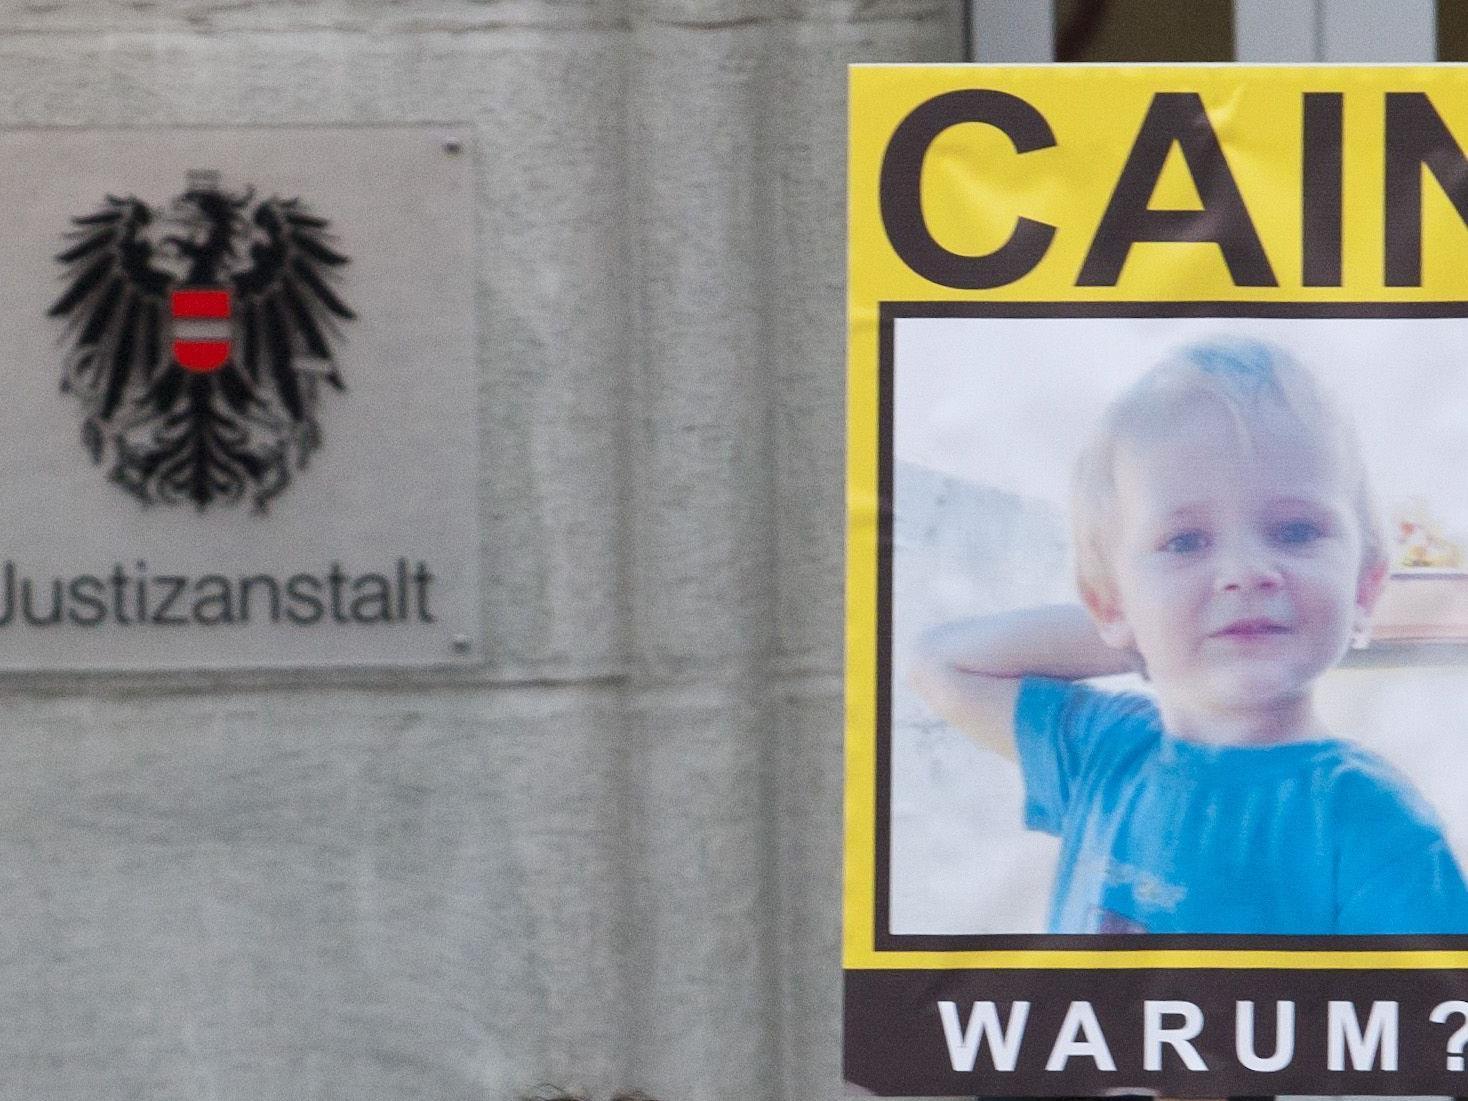 Mann ist seit 14. Jänner 2011 in der Justizanstalt Feldkirch inhaftiert.